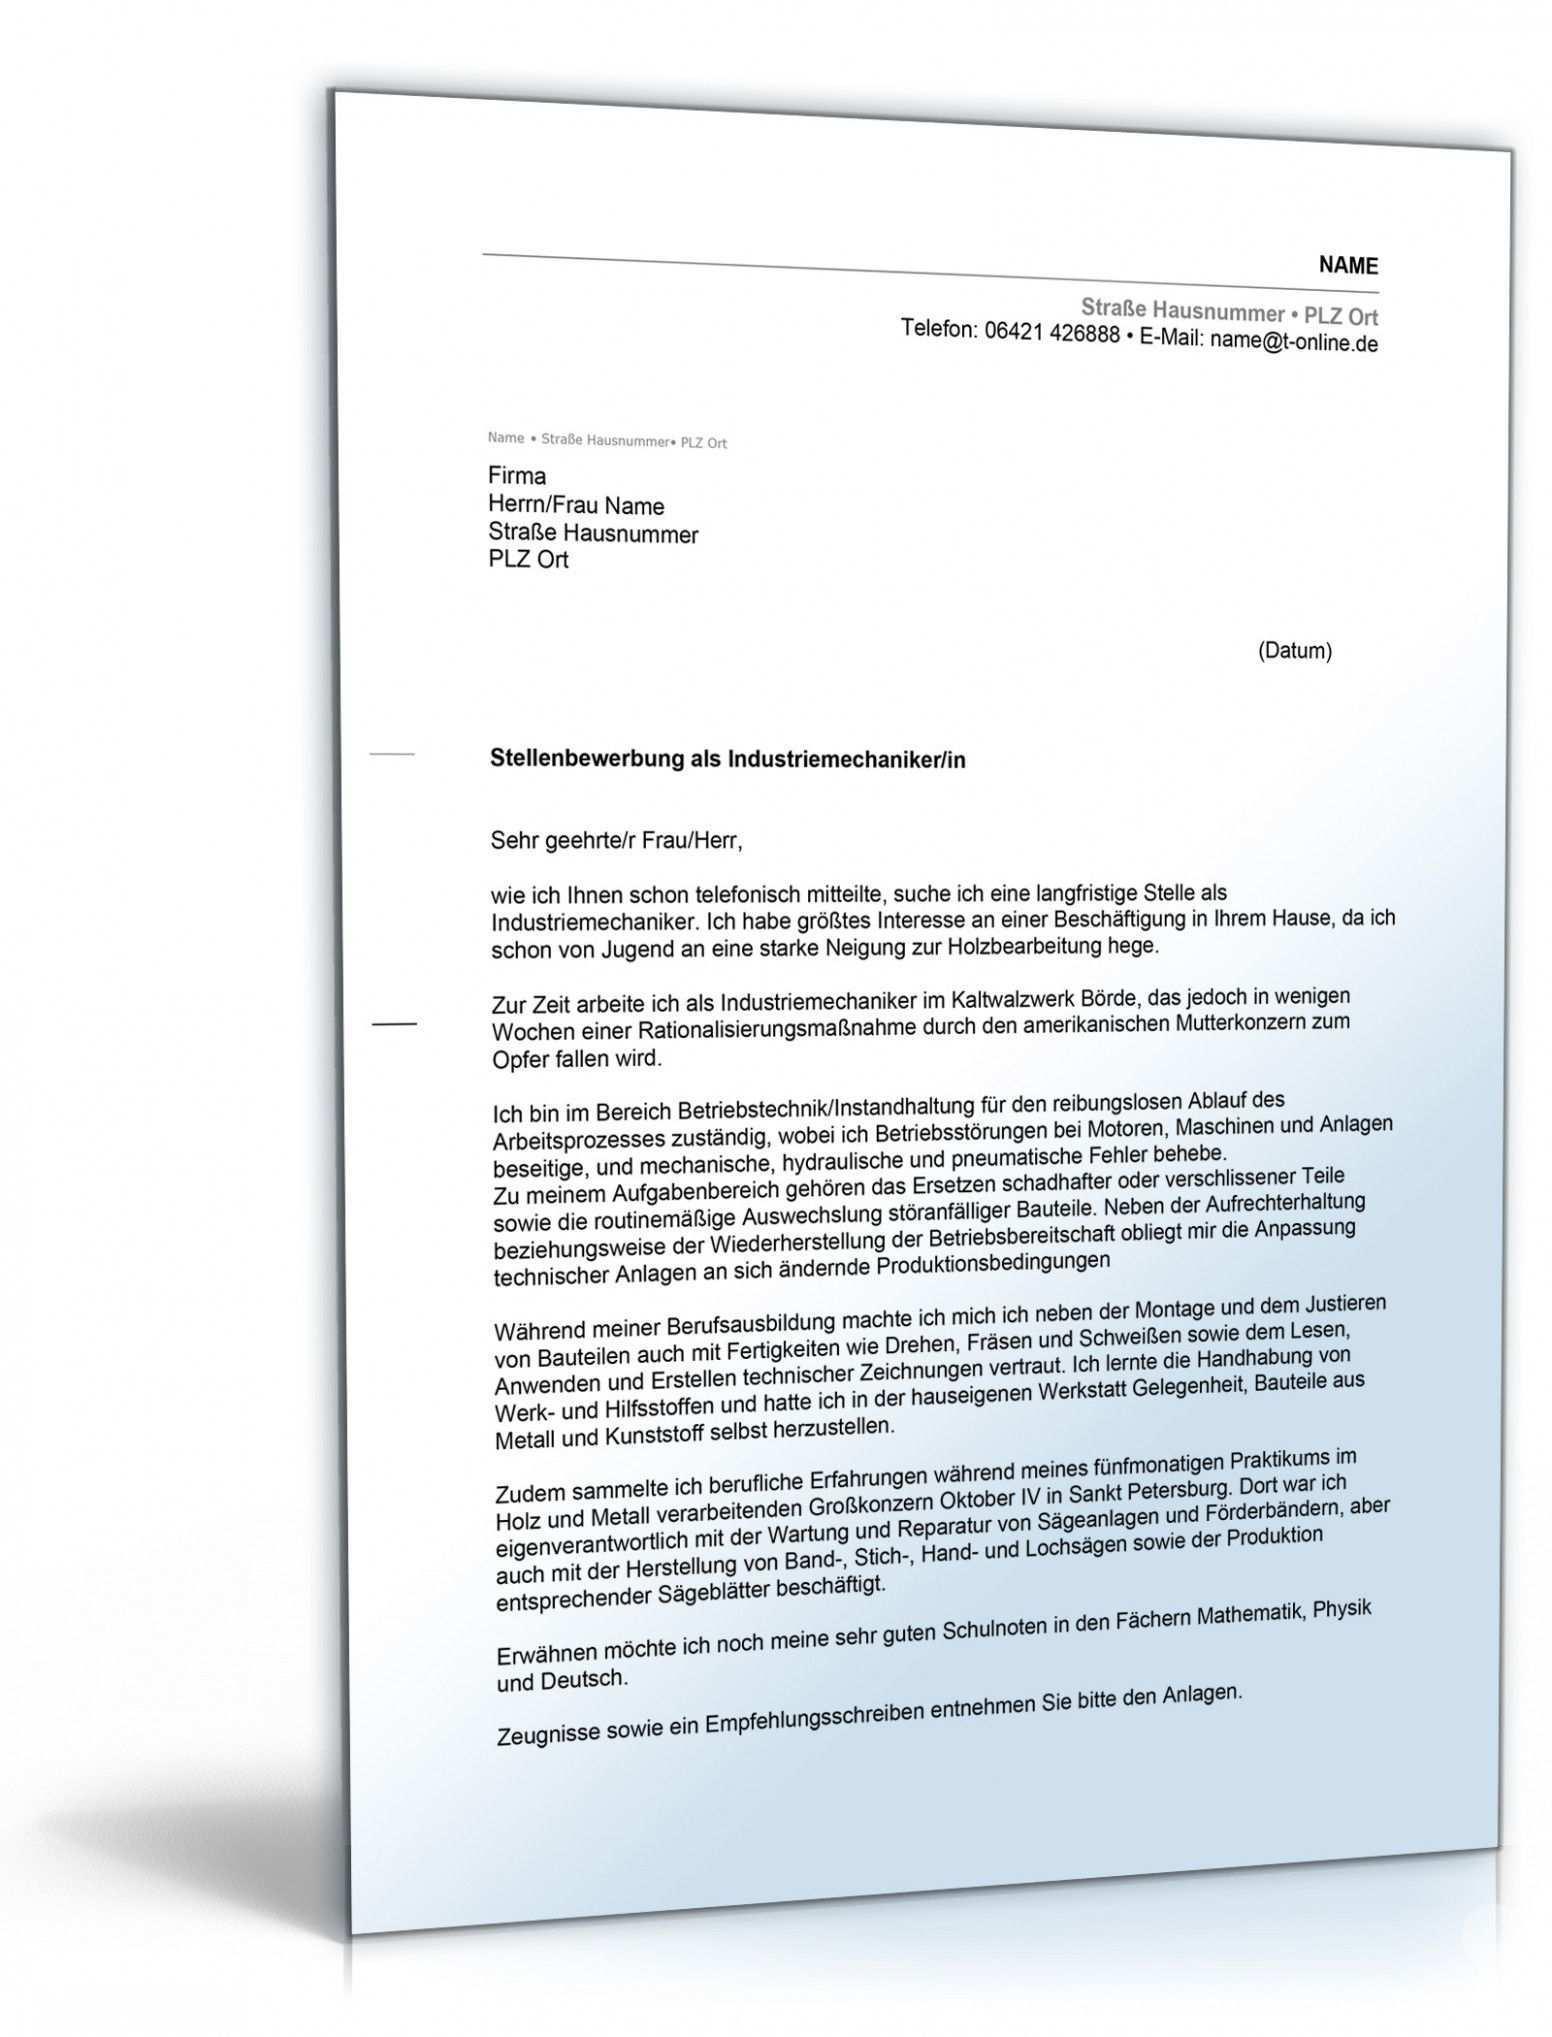 Industriemechaniker Bewerbung Vorlage Lebenslauf Briefvorlagen Vorlagen Lebenslauf